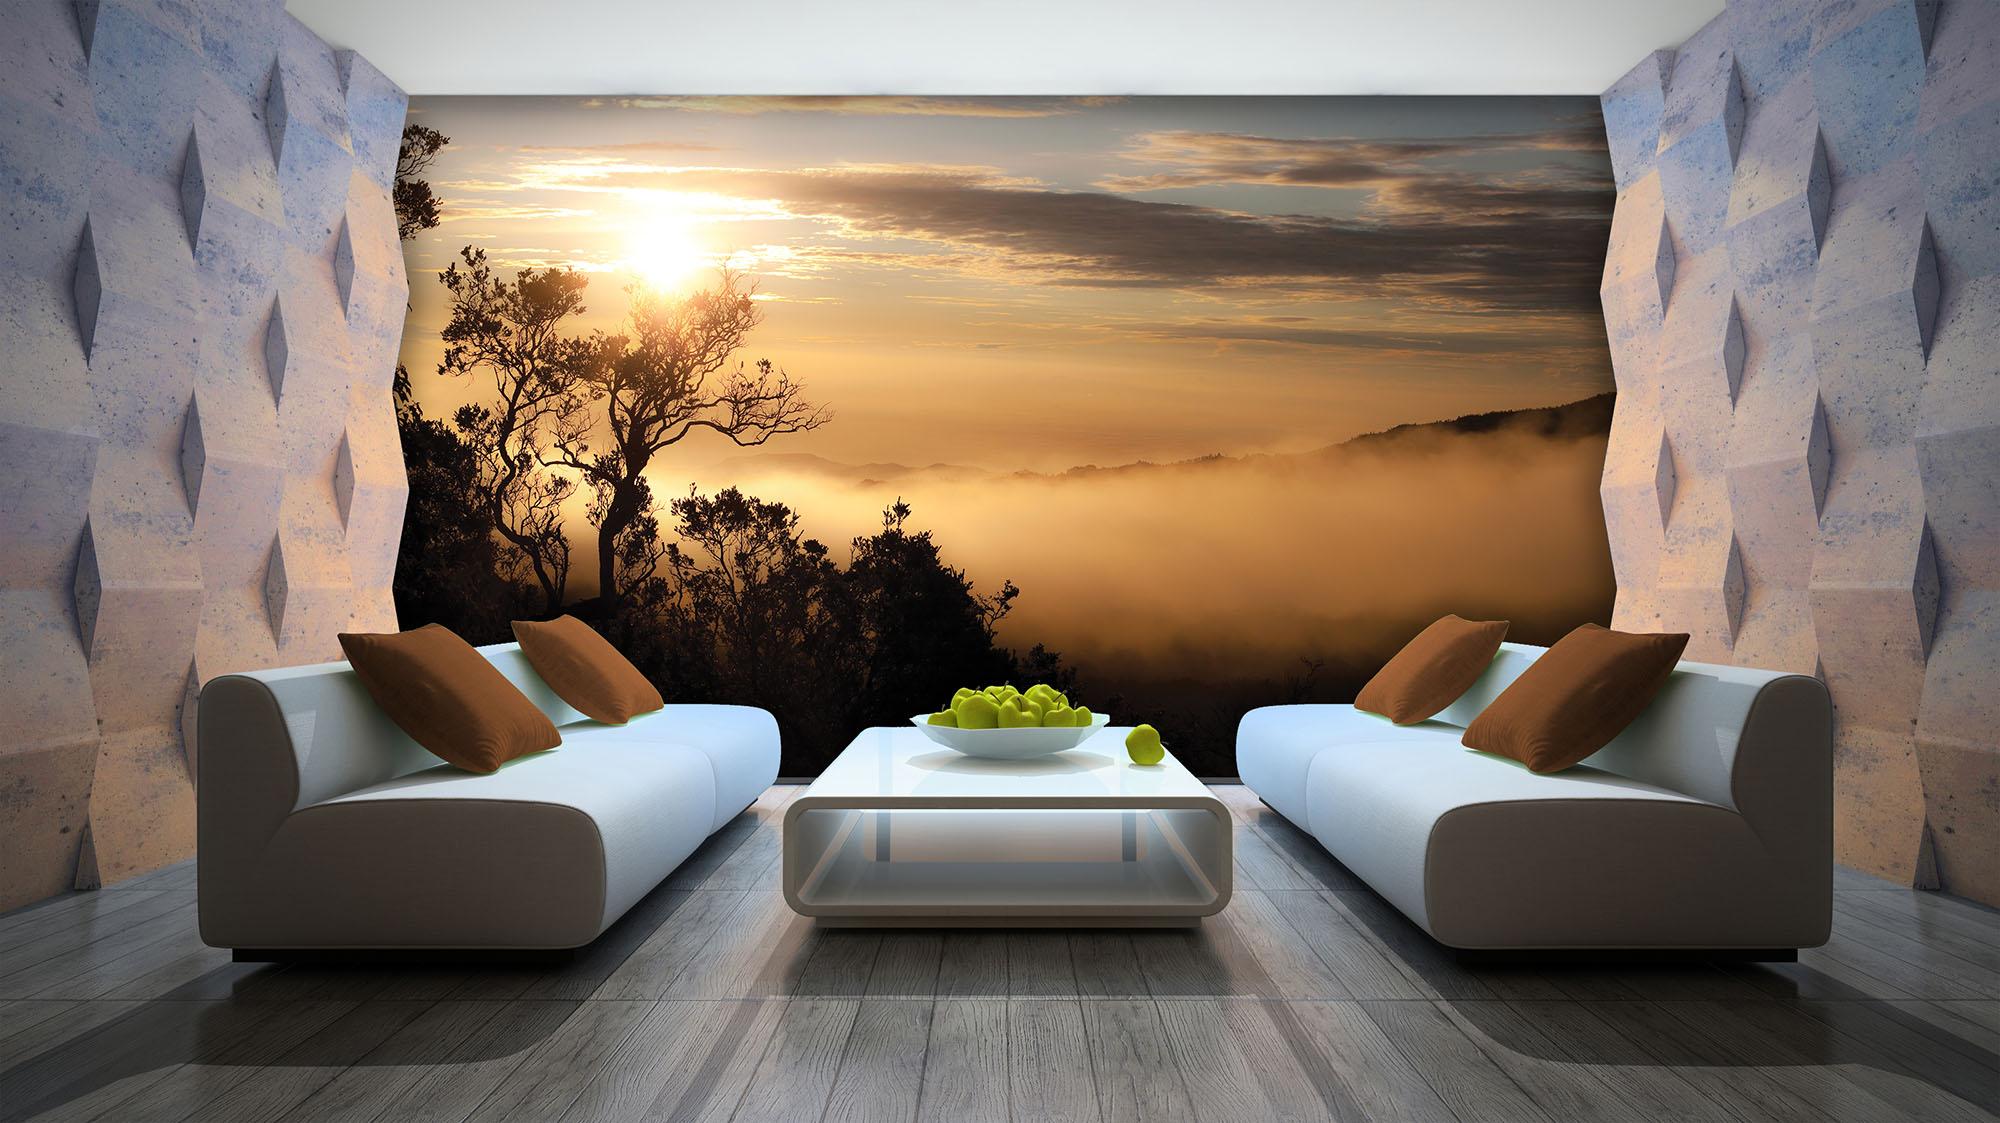 Fototapetas Landscapes 10137 Tapetaslt